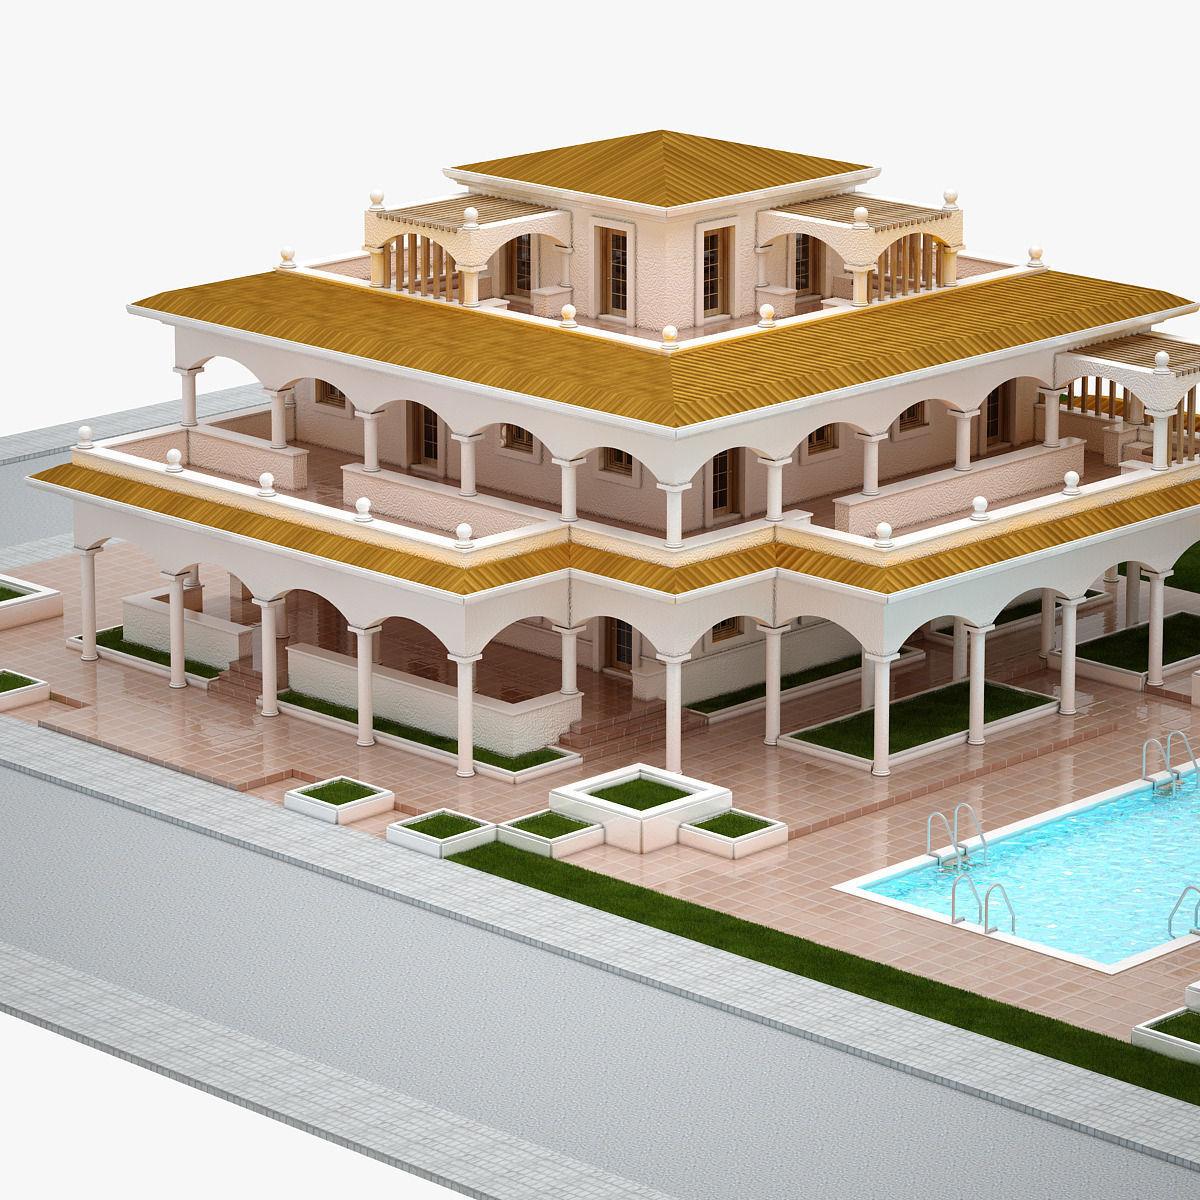 Villa 004 3d model max fbx for Villas 3d model